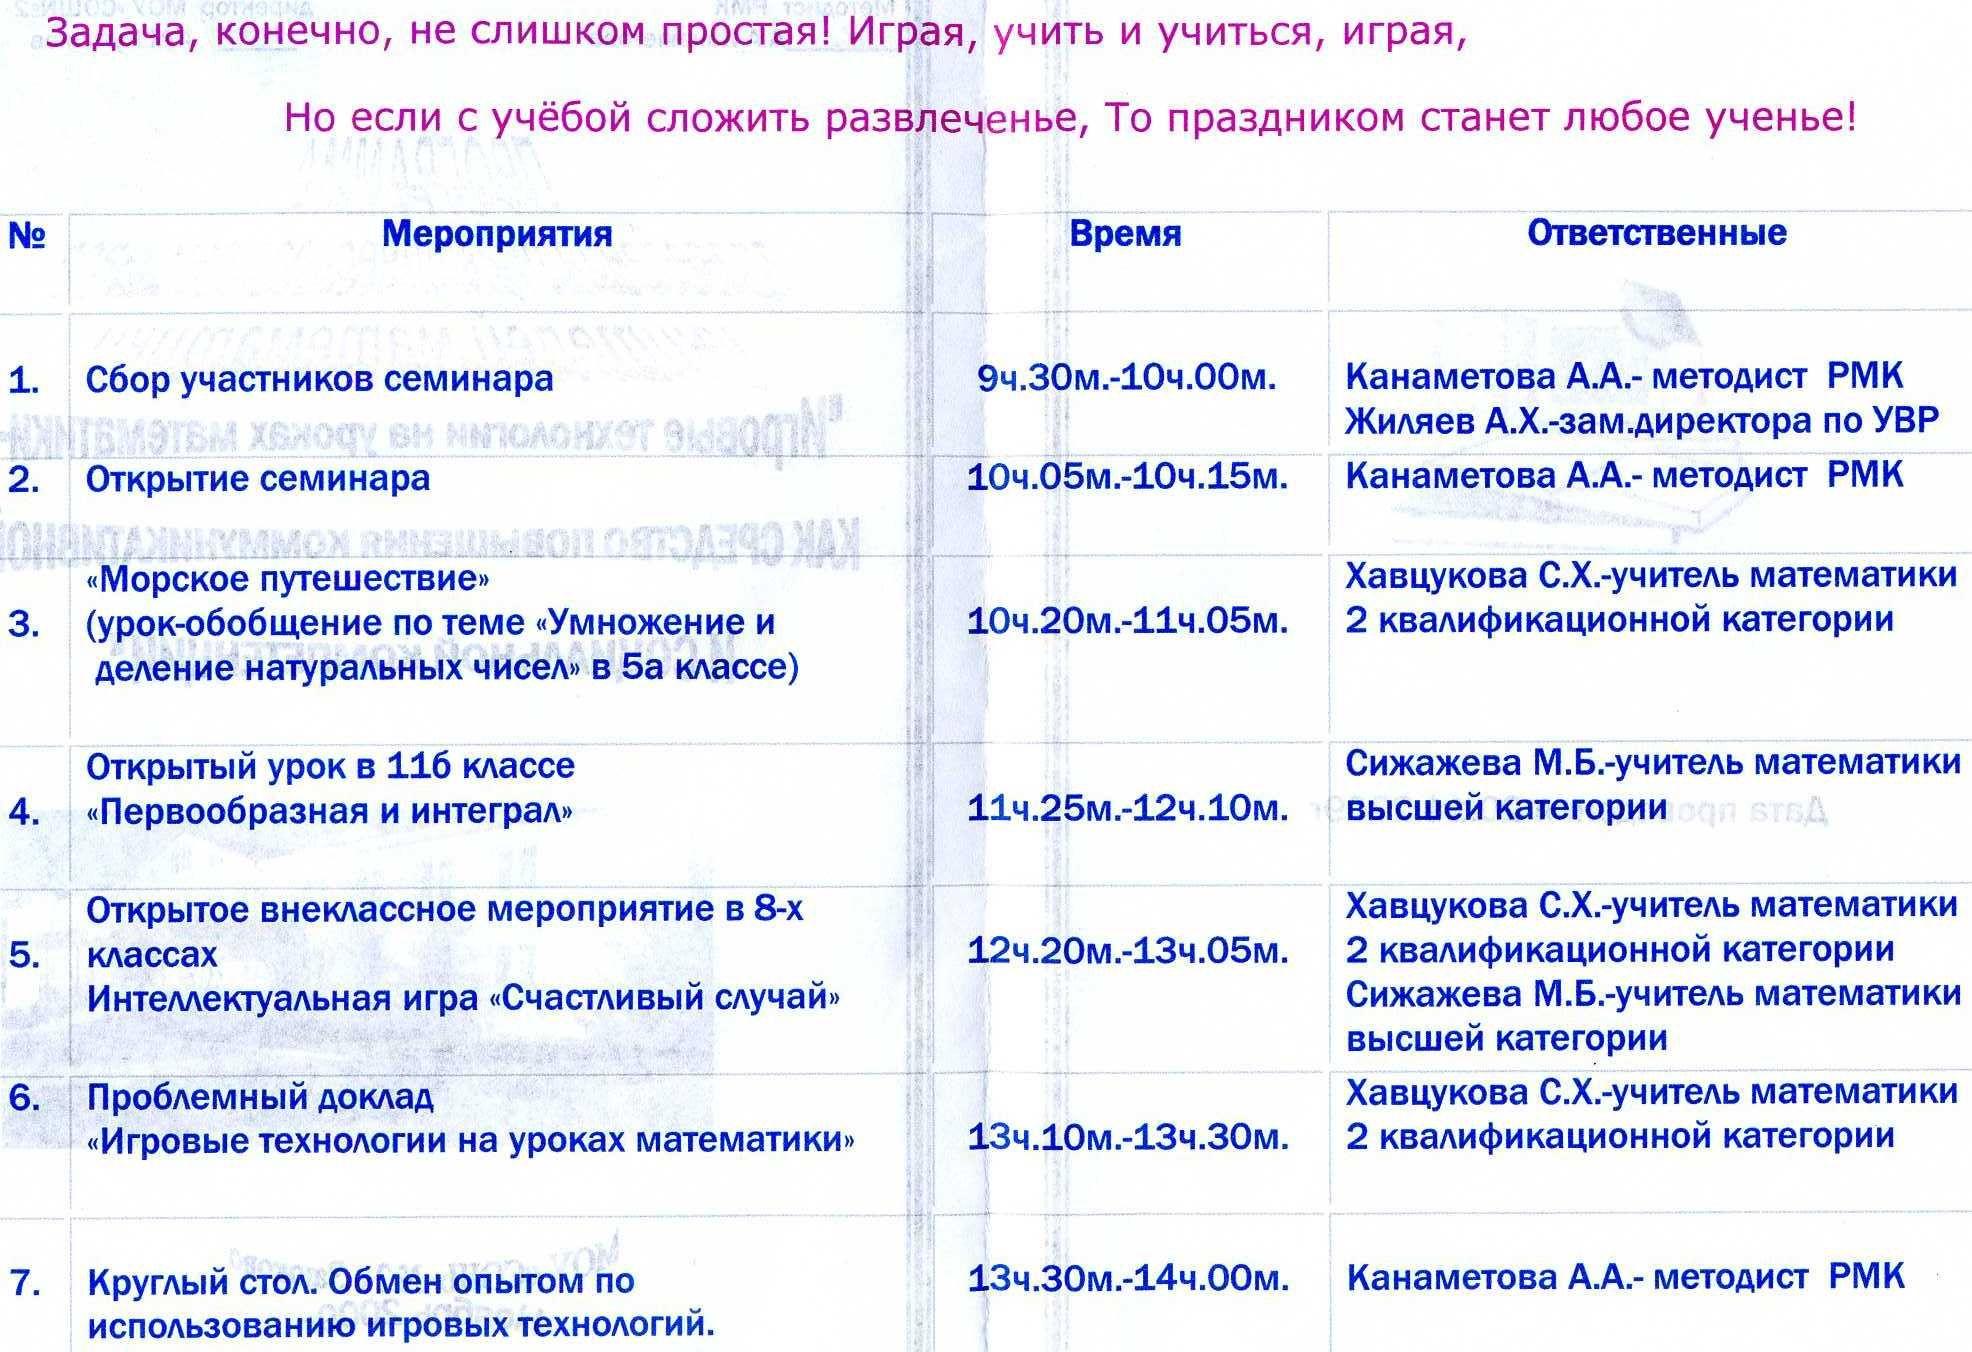 Решебник по русскому языку за 8 класс панов кузьмина